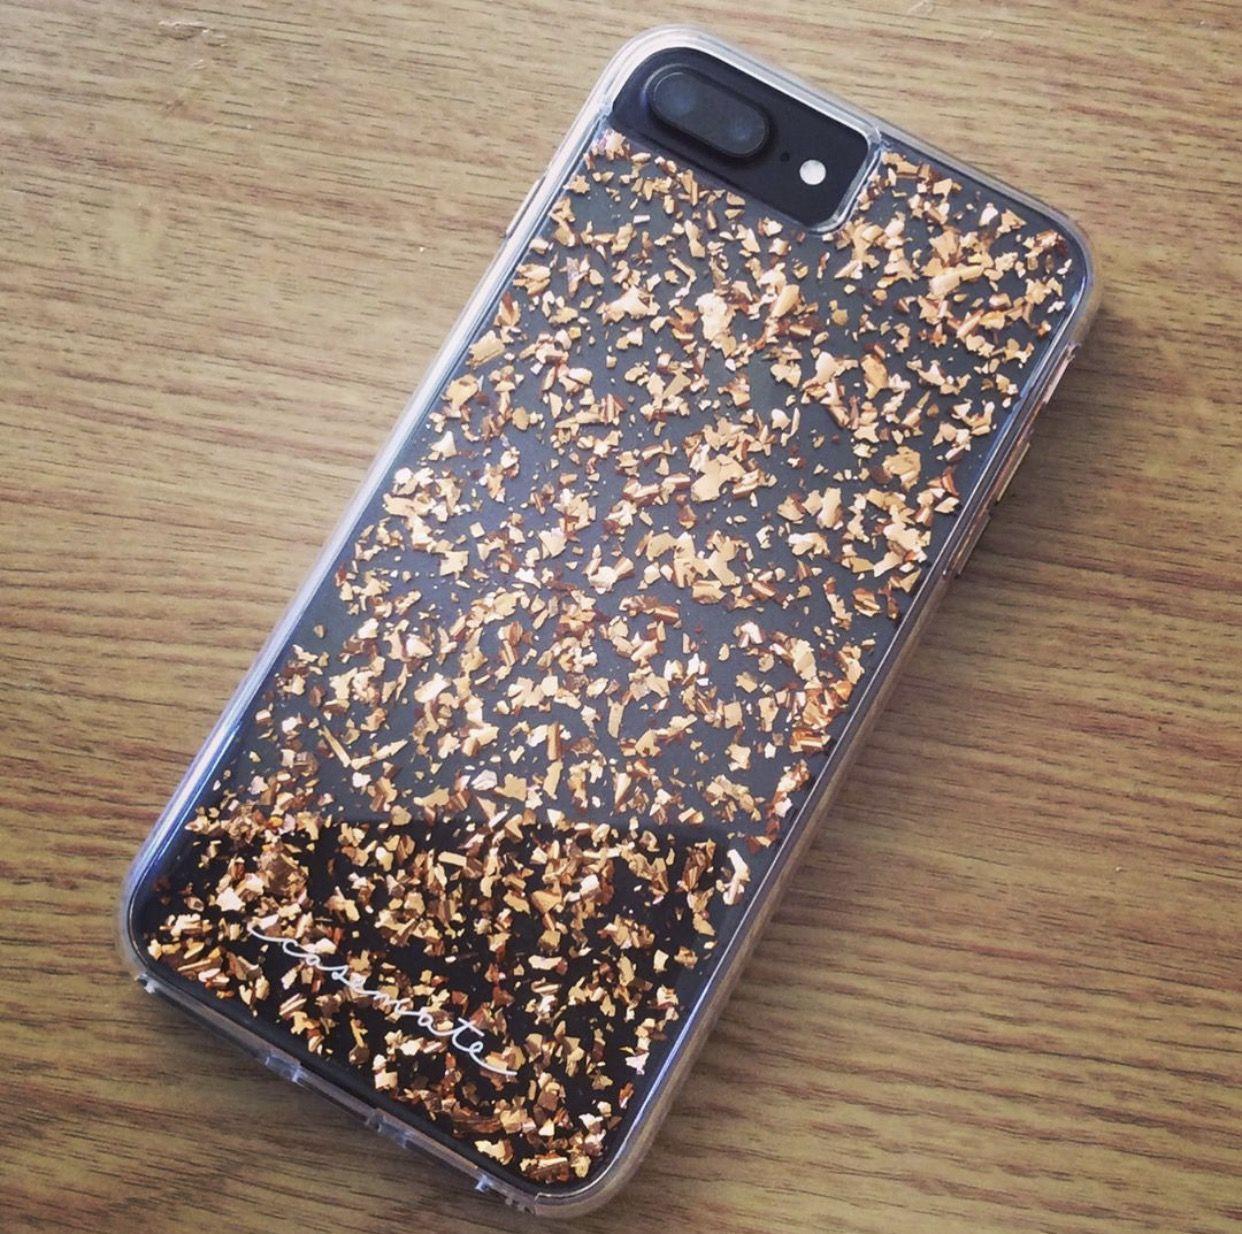 Rose Gold Karat Case Mate Iphone Matte Black Iphone 7 Plus Pretty Iphone8pluscase Apple Phone Case Phone Case Accessories Black Iphone Cases